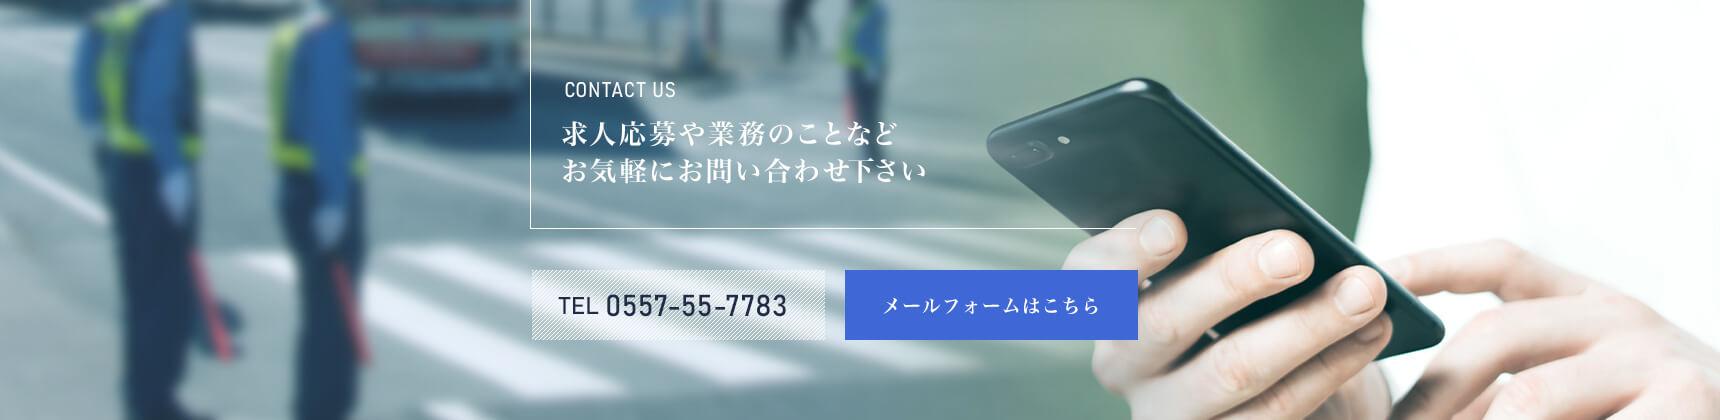 求人応募や業務のことなど お気軽のにお問い合わせ下さい TEL:0557-55-7783 メールフォームはこちら